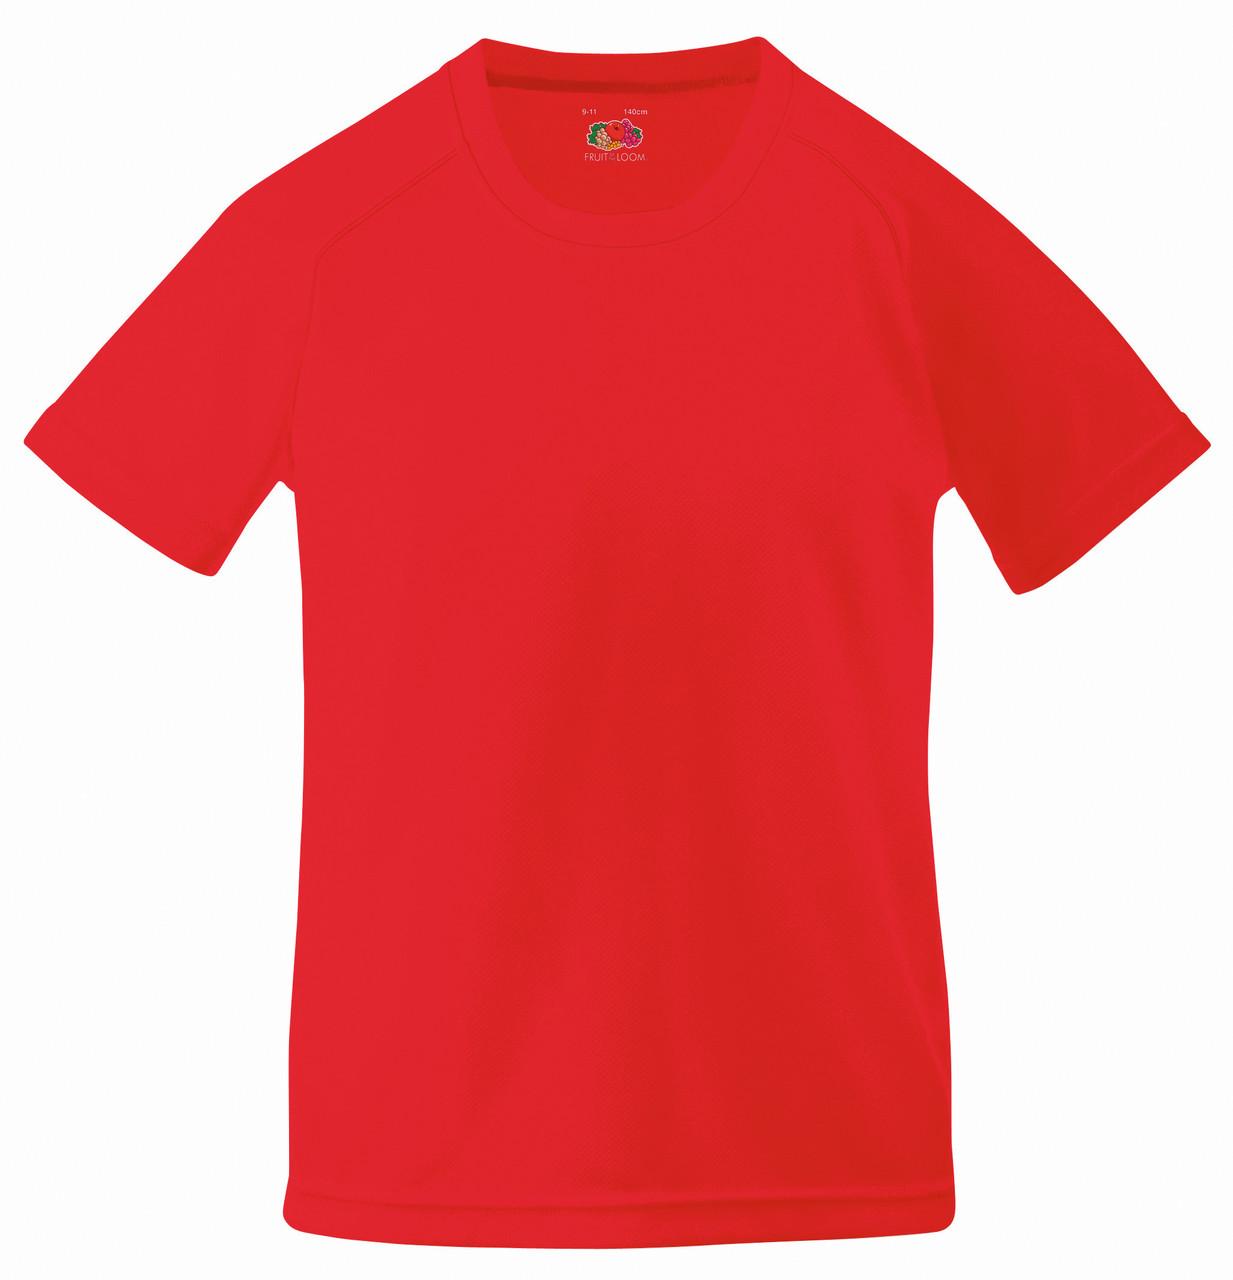 Детская Спортивная Футболка Красная Fruit of the loom 61-013-40 7-8